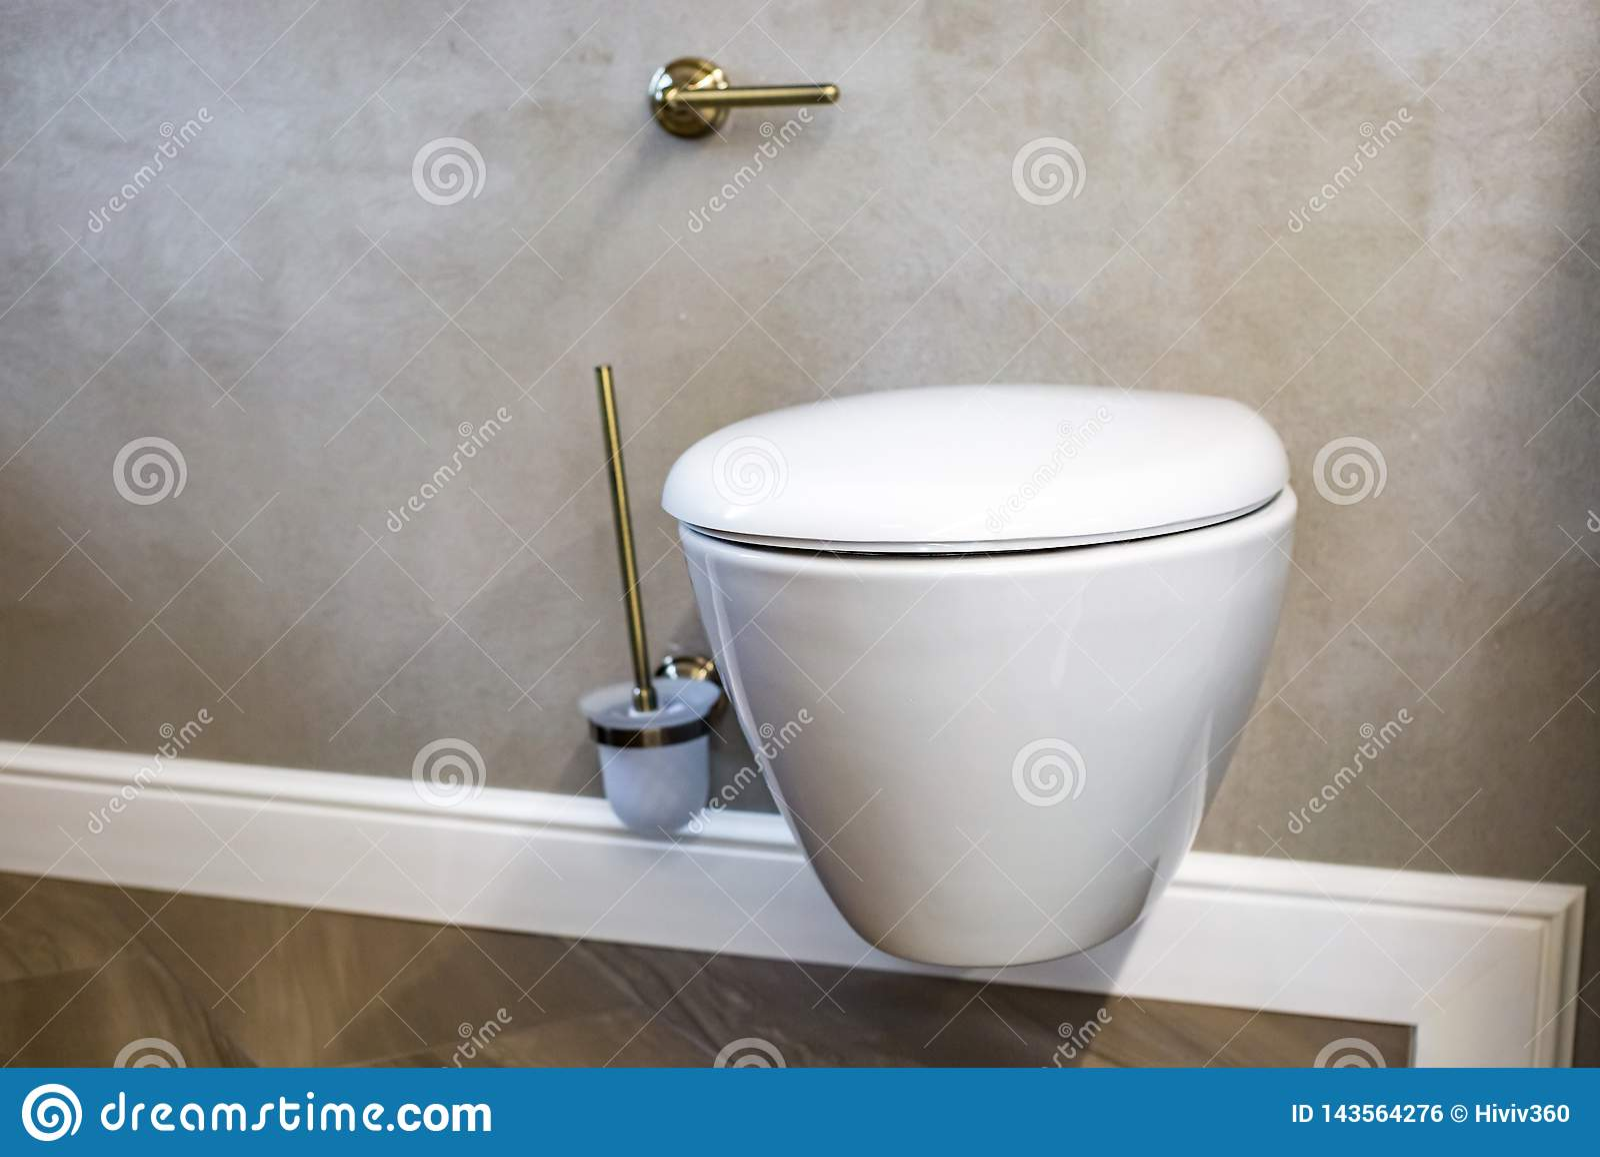 Toaleta i szczegół narożnikowy prysznic bidet z ścienną górą brać prysznić doczepianie